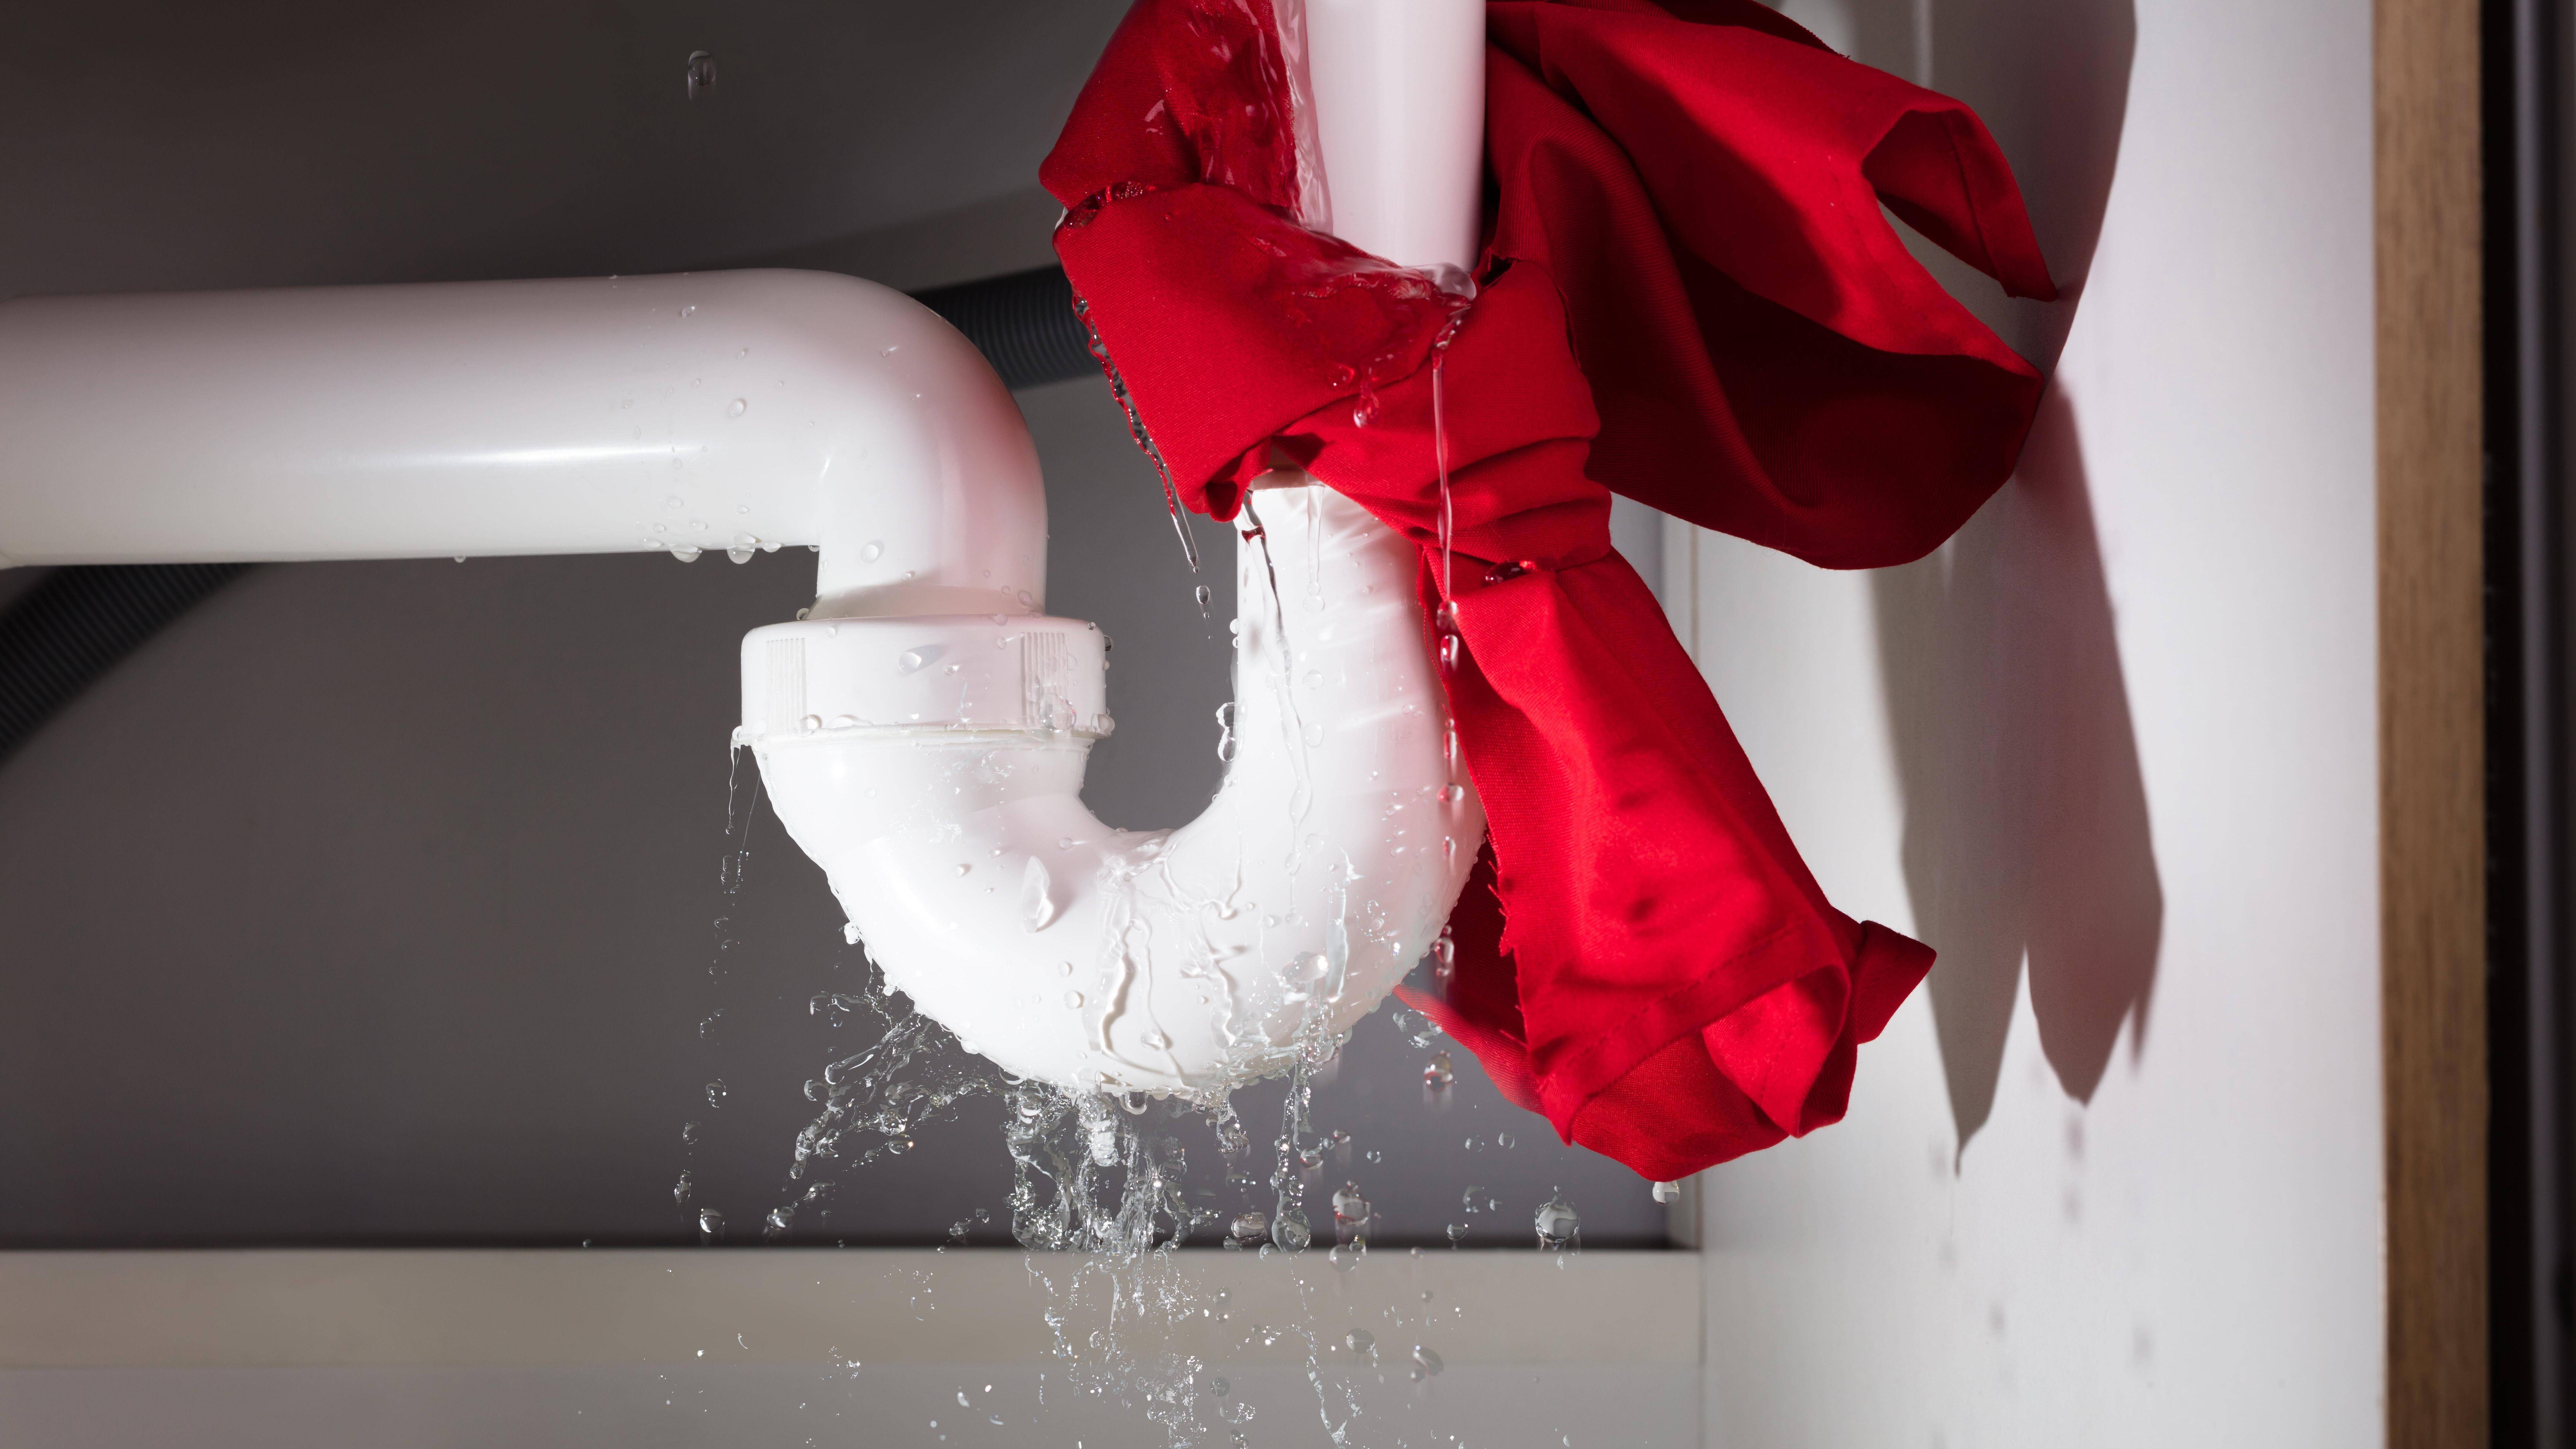 Wasserrohrbruch - was tun? So handeln Sie richtig